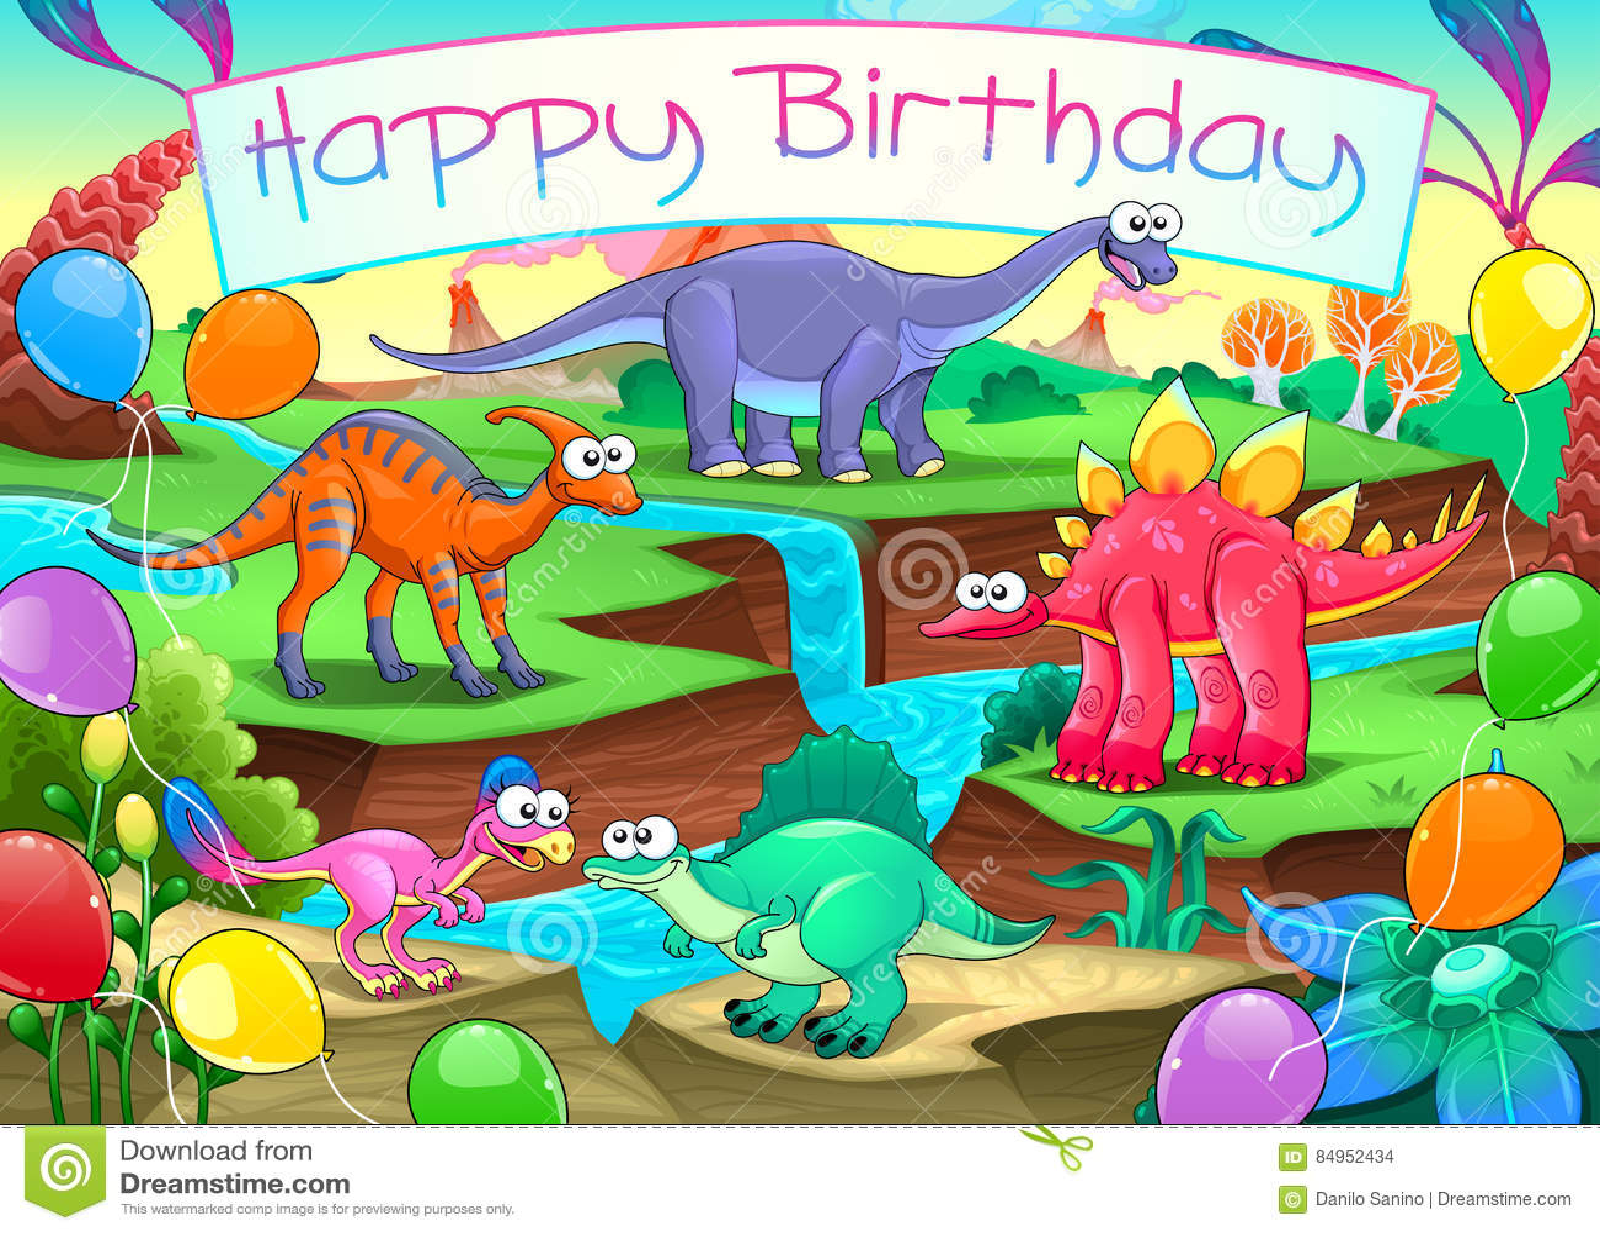 Wszystkiego Najlepszego Z Okazji Urodzin karta z śmiesznymi dinosaurami